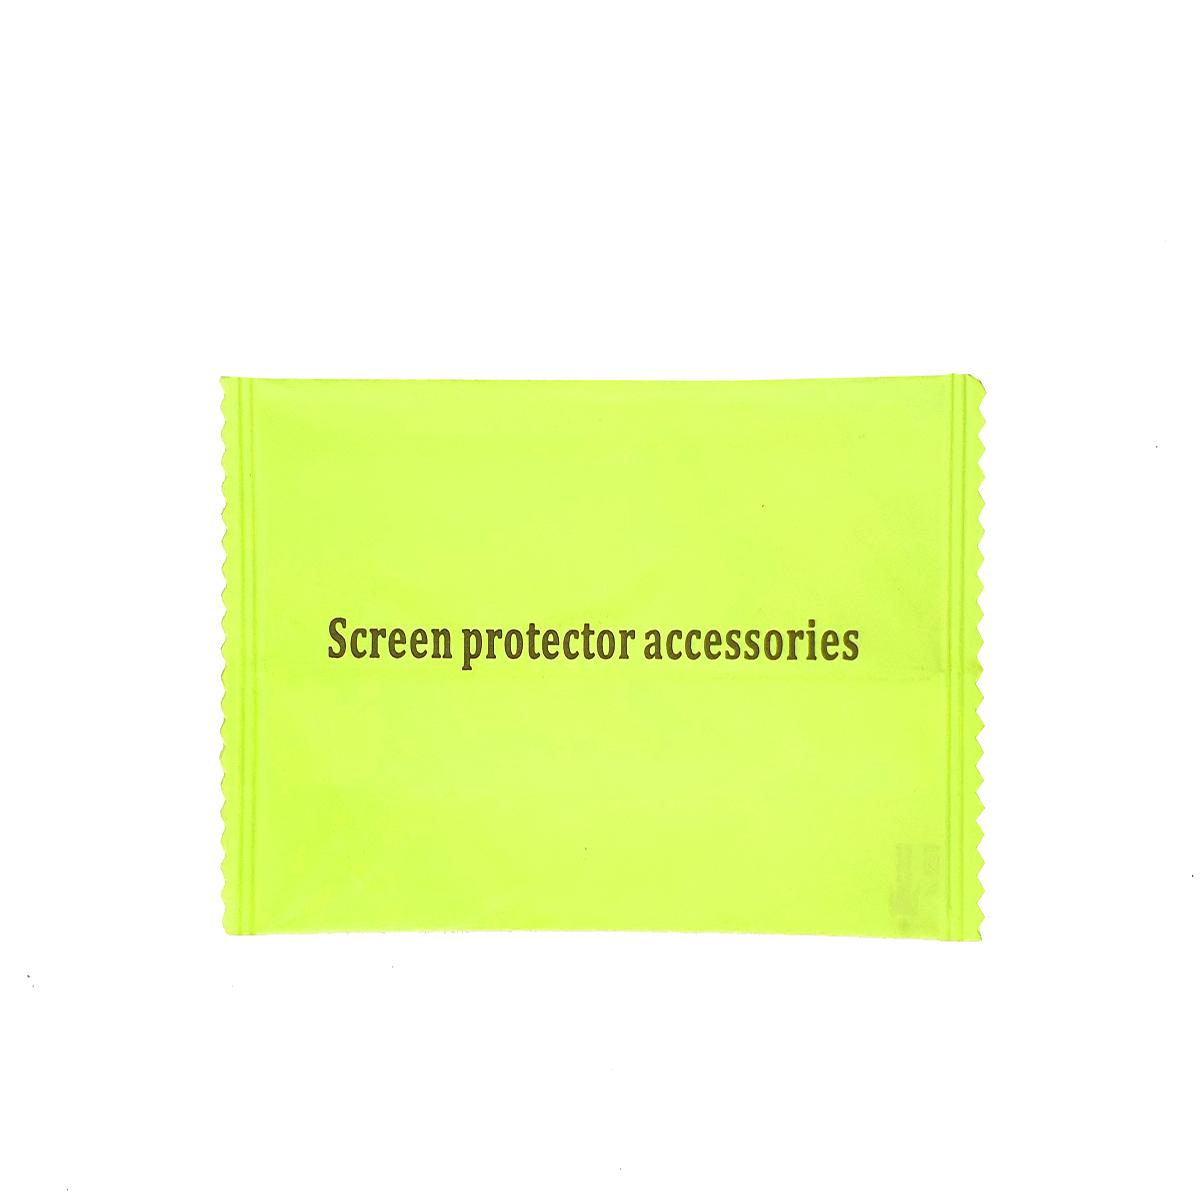 محافظ صفحه نمایش سرامیکی مدل FLCRG01mo مناسب برای گوشی موبایل سامسونگ Galaxy A31 main 1 1